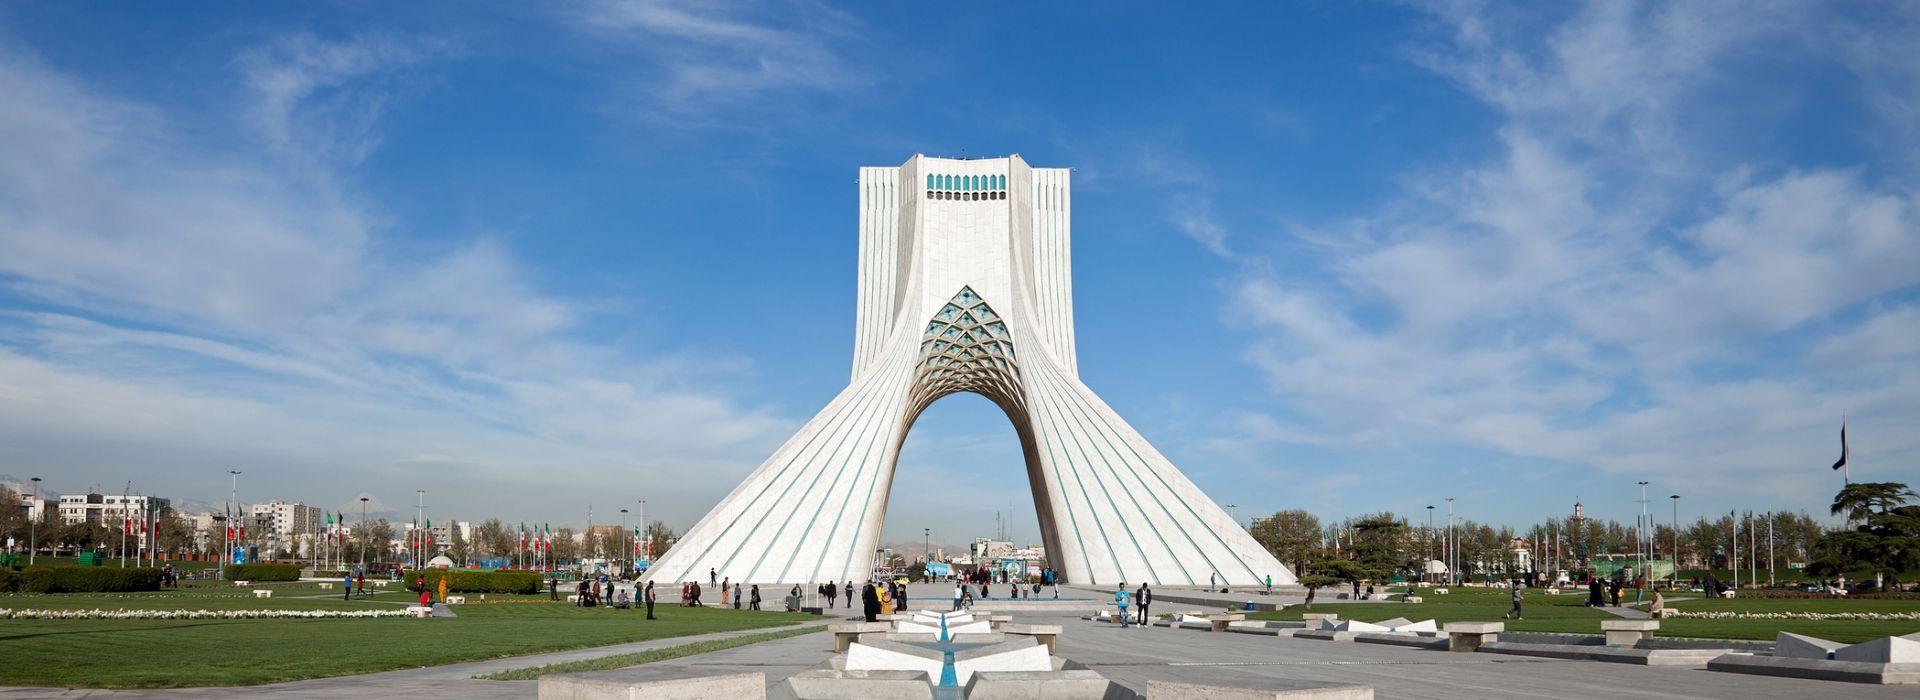 Natural landmarks sightseeing Tours in Tehran